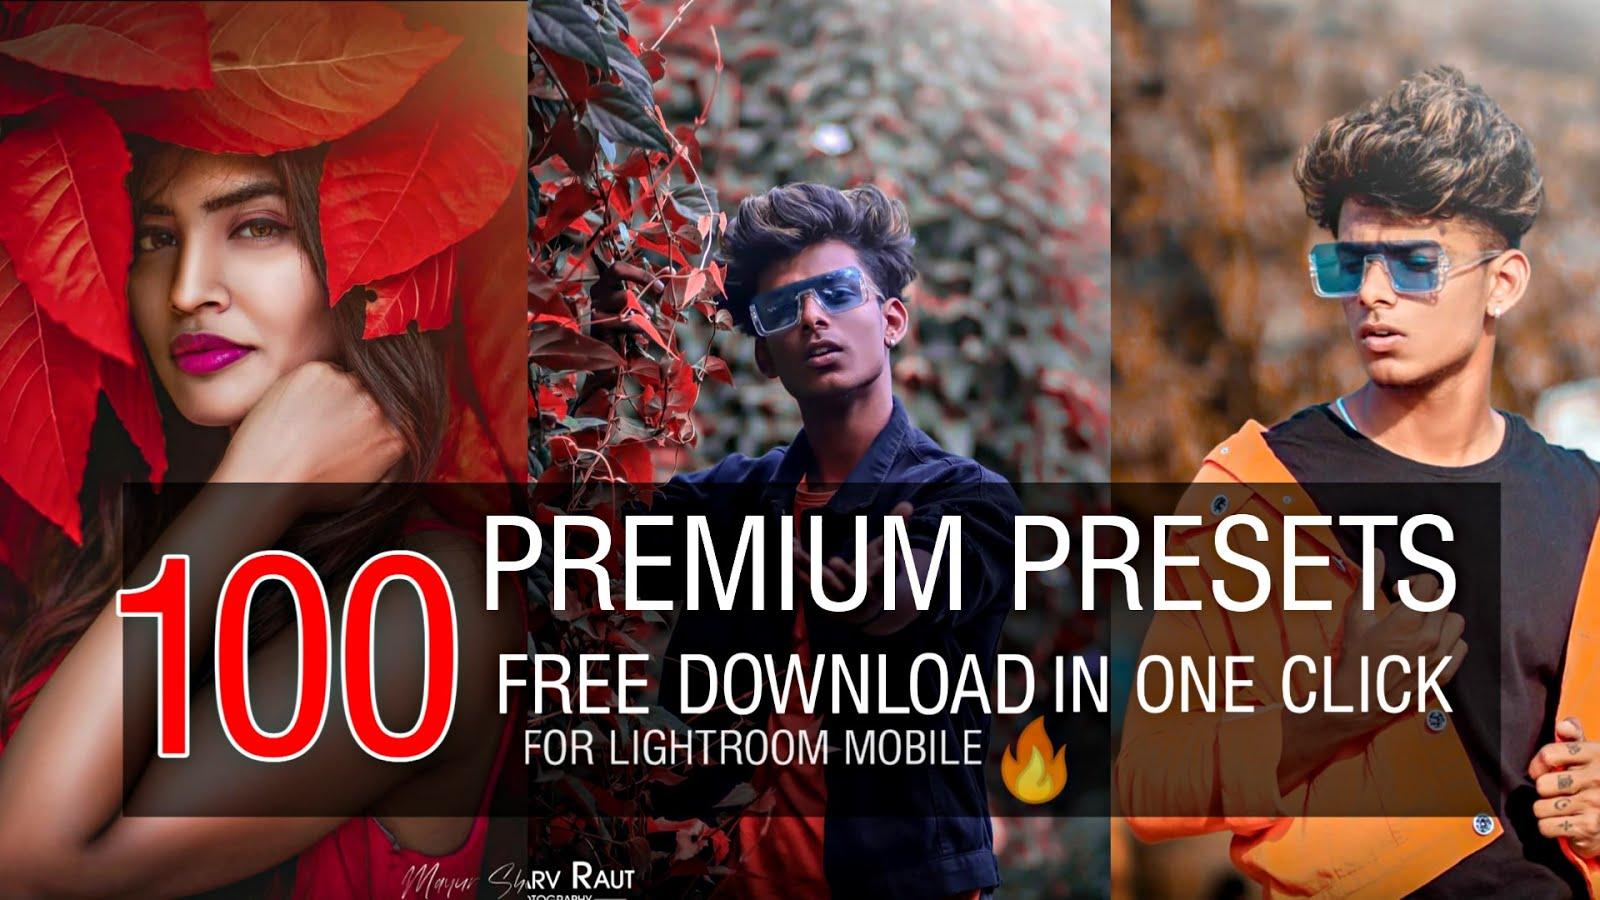 100 xmp presets for lightroom mobile 2020 100 presets ...